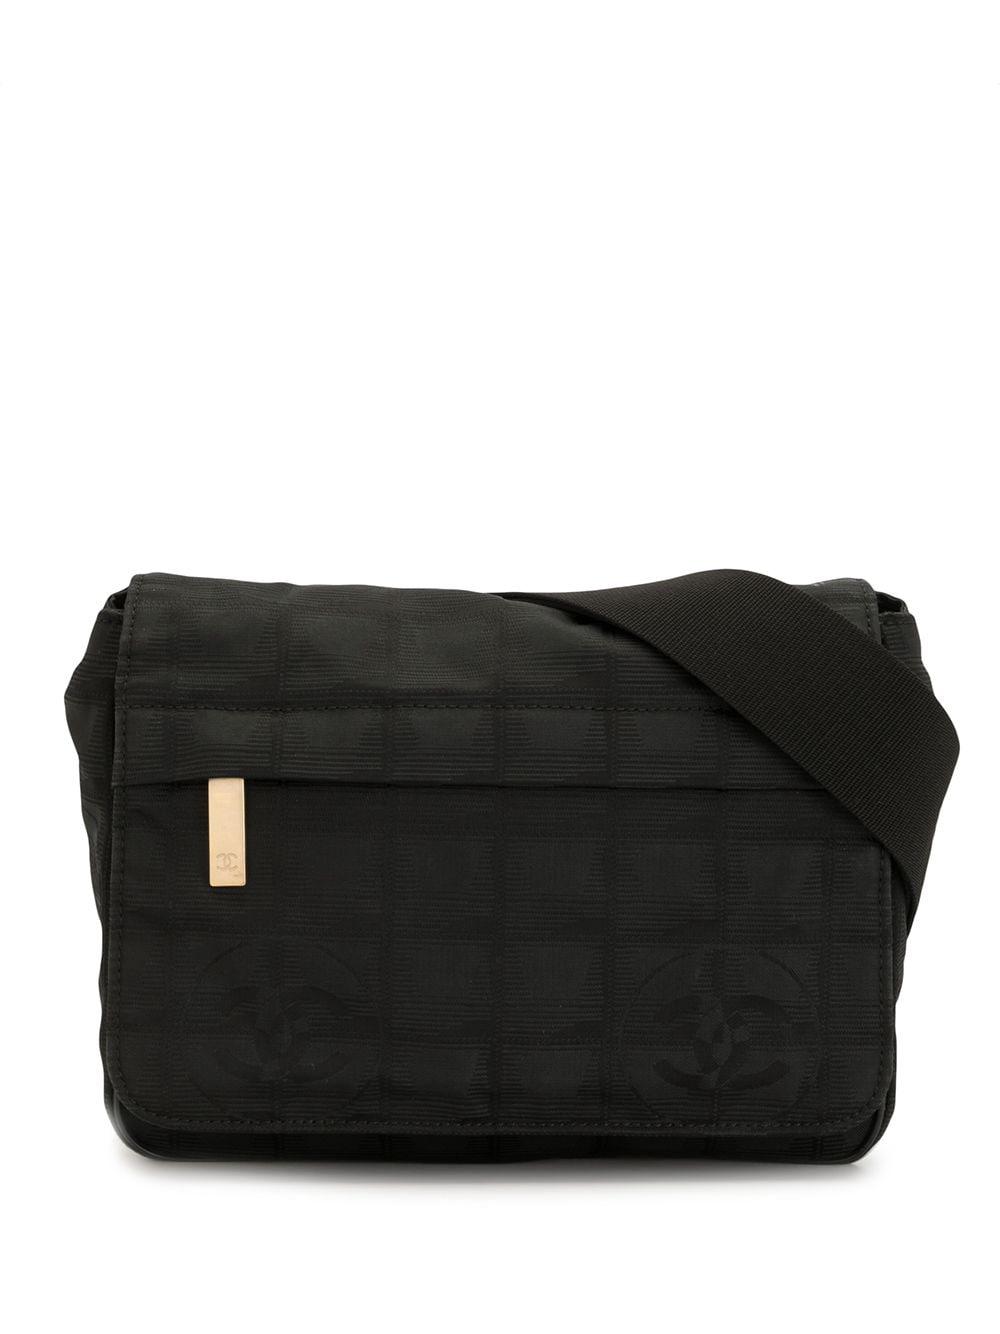 Chanel Pre-Owned 2005 CC logo belt bag - Black